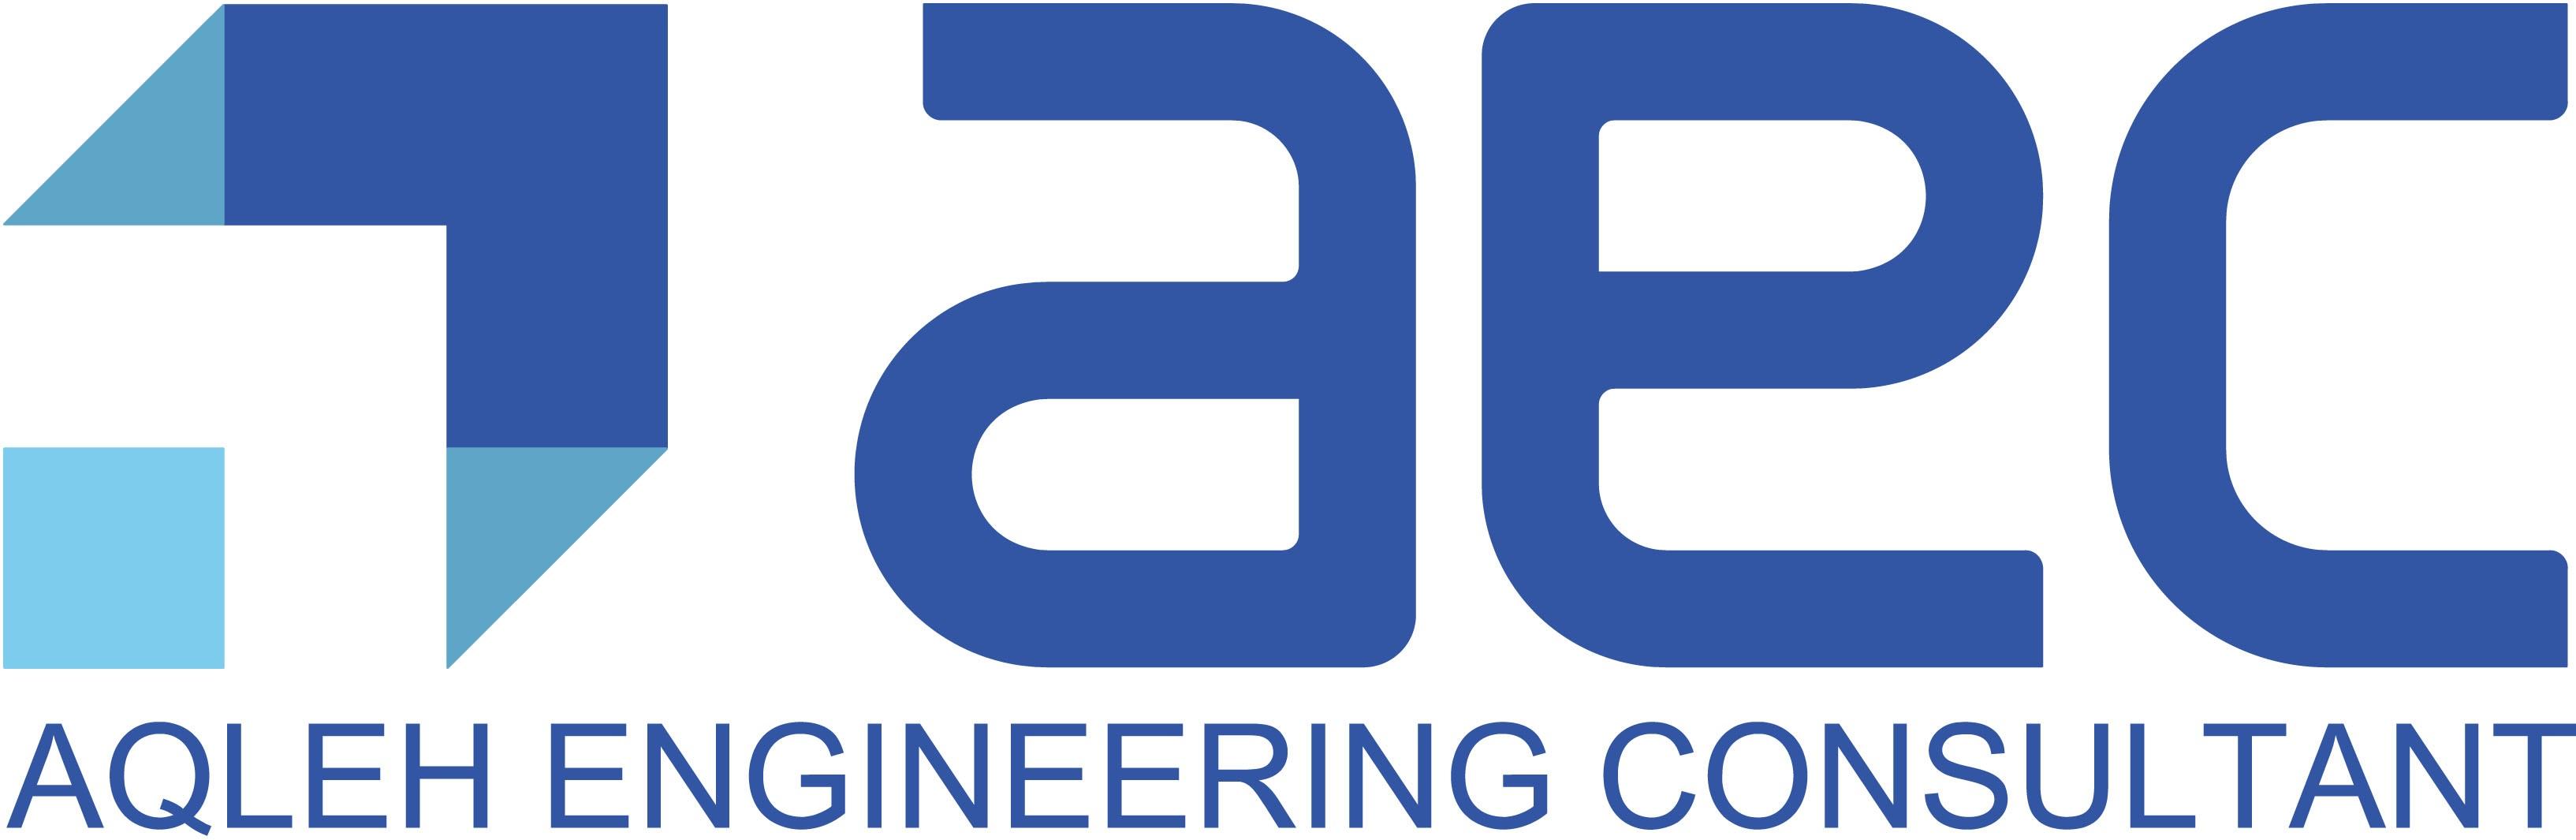 aqleh logo